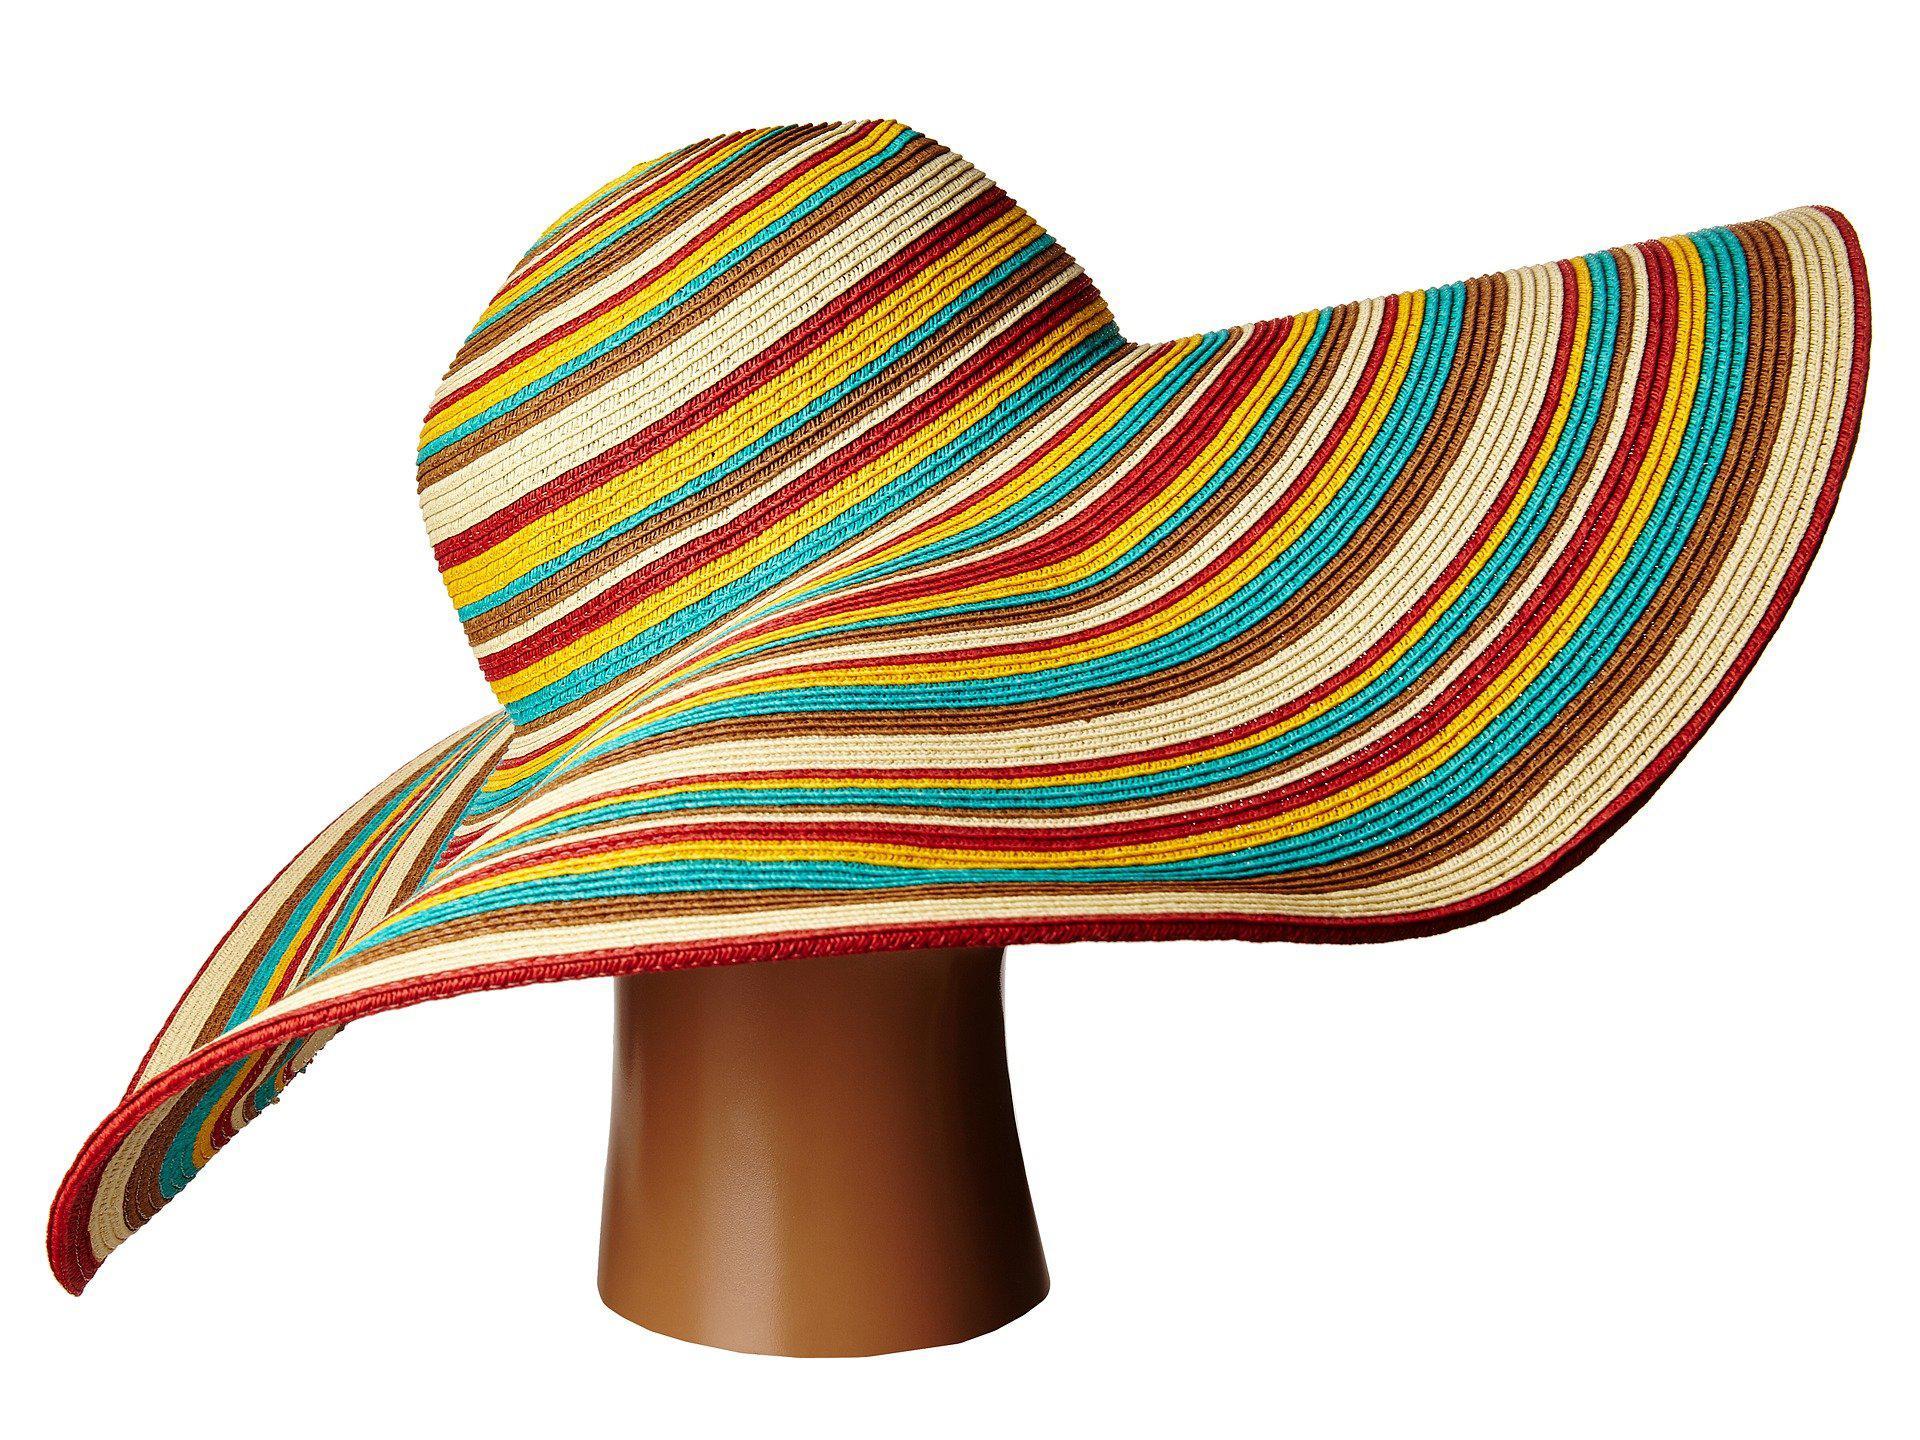 fe78f06a275c4 San Diego Hat Company Ubx2721 Striped Floppy 8 Inch Brim Sun Hat (multi  Black) Caps in Brown - Save 52% - Lyst